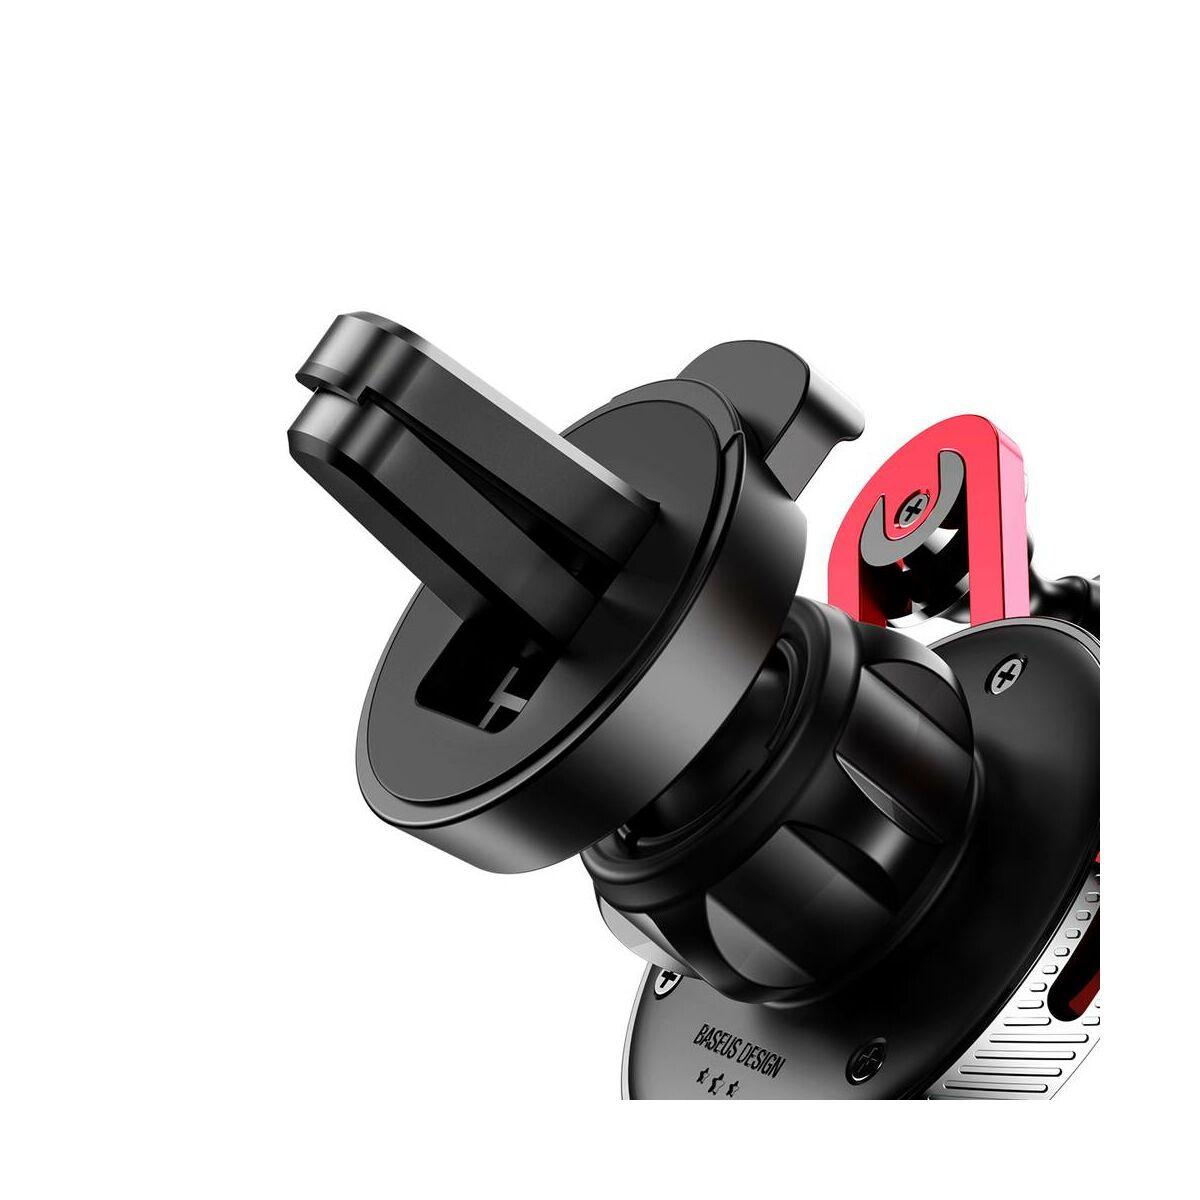 Baseus autós telefon tartó, YY alakú töltő kábellel (Type-C), piros (SUTYY-09)